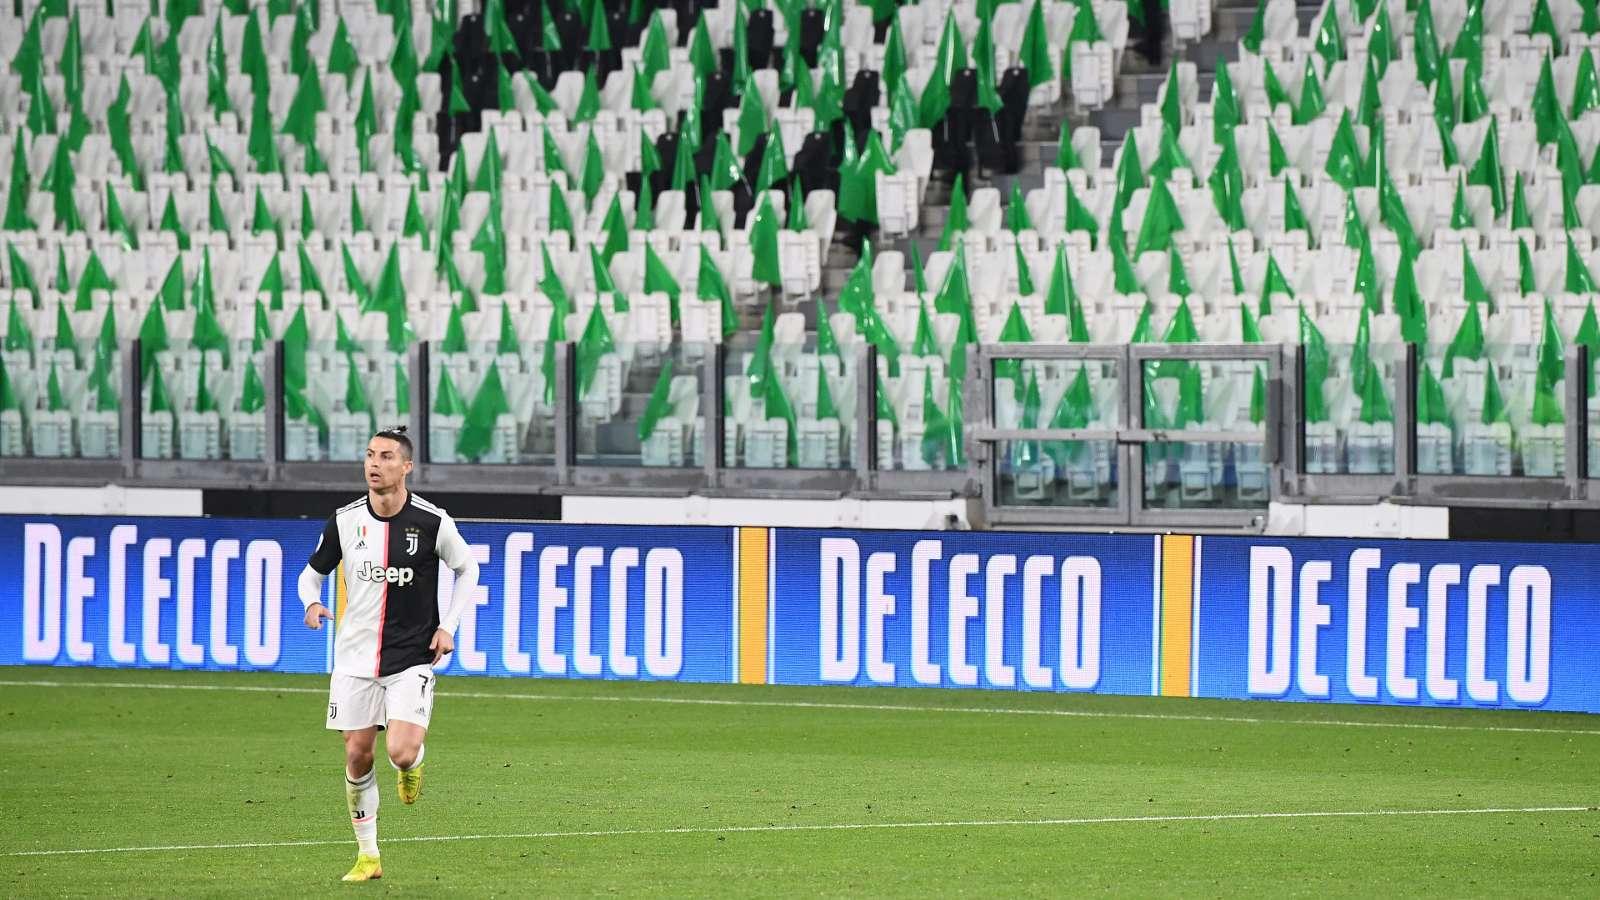 Serie A Di stop, Bagaimana Skenario Selanjutnya?